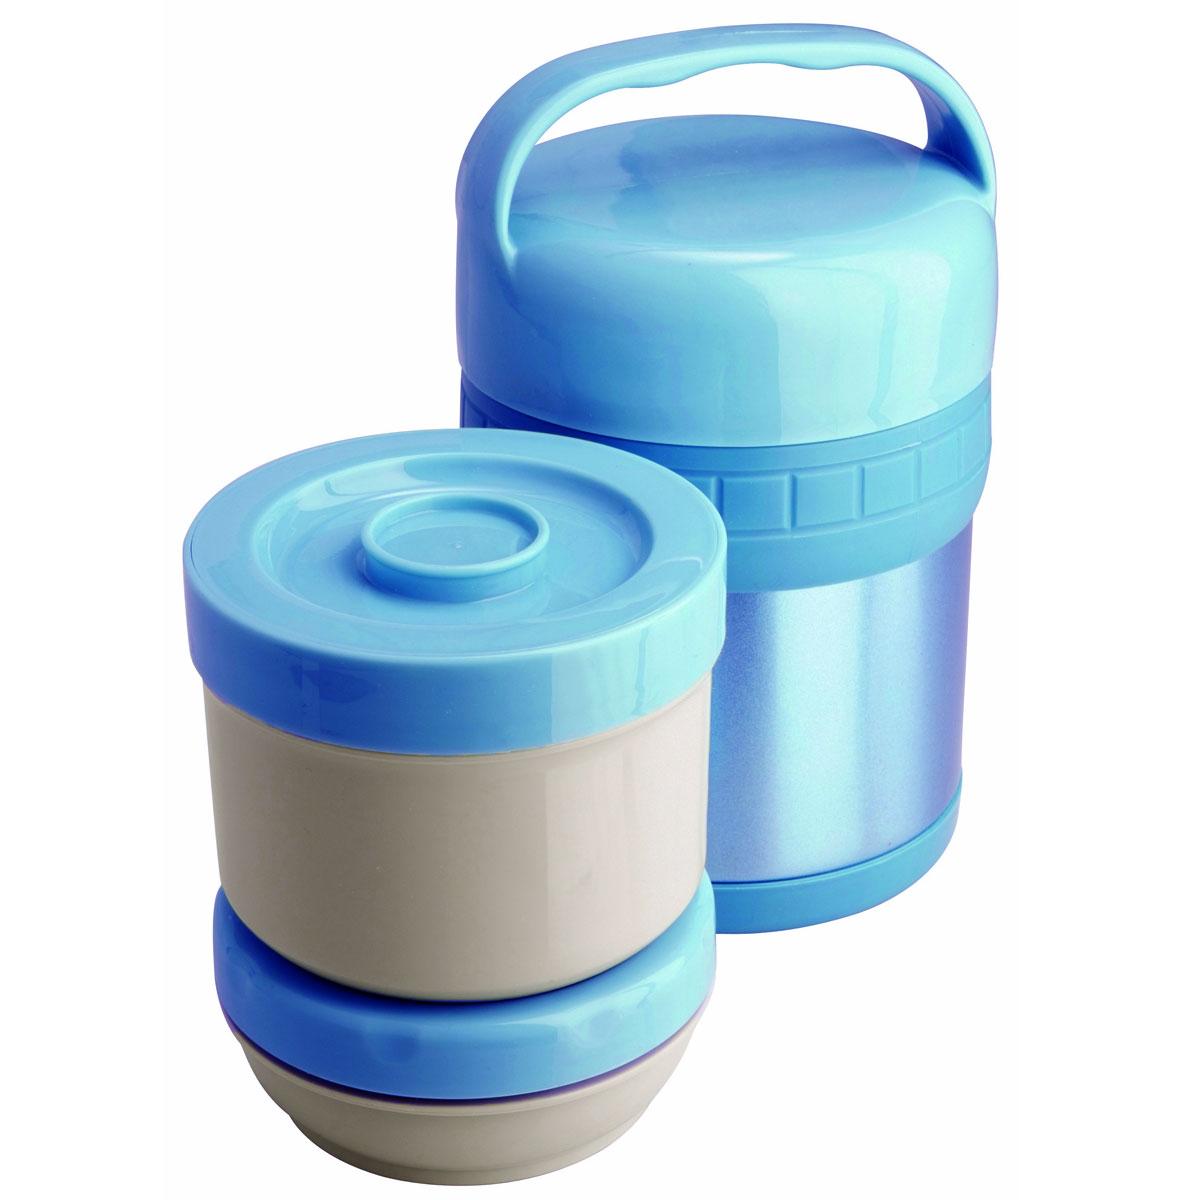 Термос ланч-бокс Regent Inox Soup, цвет: голубой, 1 л. 93-TE-S-3-1000T93-TE-S-3-1000TТермос Regent Inox Soup изготовлен из высококачественной пищевой нержавеющей стали, что обеспечивает высокую надежность и долговечность. Современная технология с вакуумной изоляцией и металлическая колба способствуют более длительному сохранению тепла. Внутри термоса предусмотрены два стальных лотка: лоток 1 с винтовой крышкой (650 мл), лоток 2 с герметичной крышкой (300 мл).Термос с широким горлом предназначен: - для хранения горячей пищи (первые и вторые блюда); - для хранения холодной пищи (мороженое, пельмени и пр.) и фруктов; - для хранения льда (нельзя хранить сухой лед). Термос способен сохранять горячую или холодную температуру до 24 часов - при температуре окружающей среды не ниже 18°С и температуре при заполнении не ниже +99+-1°С.Термос удобен в использовании дома, на даче, в турпоходе и на рыбалке. Пригодится на работе, в офисе и командировке, экономит электроэнергию и время. Нельзя мыть в посудомоечной машине. Нельзя мыть щелочными растворами. Нельзя ставить вблизи от огня. Нельзя одновременно хранить в термосе холодные и горячие блюда.Характеристики:Материал: нержавеющая сталь, пластик. Цвет: голубой. Общий объем термоса:1 л. Объем лотков:650 мл; 300 мл. Диаметр термоса: 13 см. Высота термоса (с учетом ручки): 21 см. Размер лотка 1:11,5 см х 11,5 см х 9,5 см. Размер лотка 2: 11,5 см х 11,5 см х 5 см. Температура после истечения 24 ч: 40-48°С. Размер упаковки: 13,5 см х 13,5 см х 23,5 см.Артикул: 93-TE-S-3-1000T.